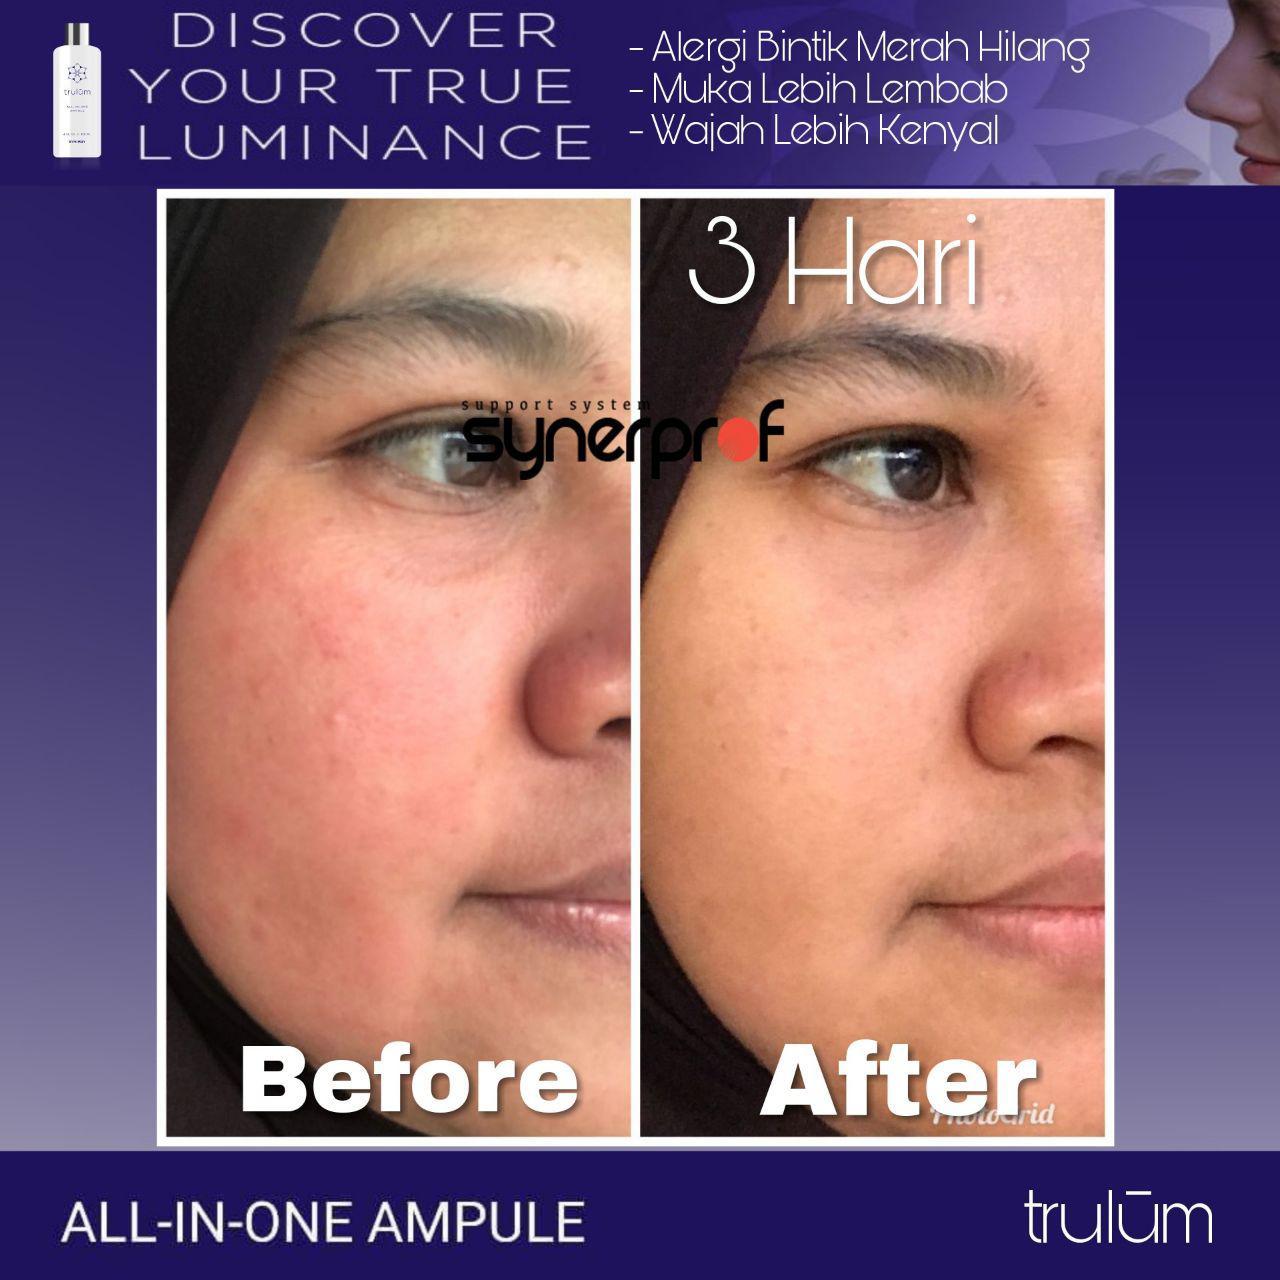 Jual Obat Jerawat Paling Ampuh Dan Cepat Trulum Skincare Di Miomaffo Tengah - Timor Tengah Utara WA: 08112338376